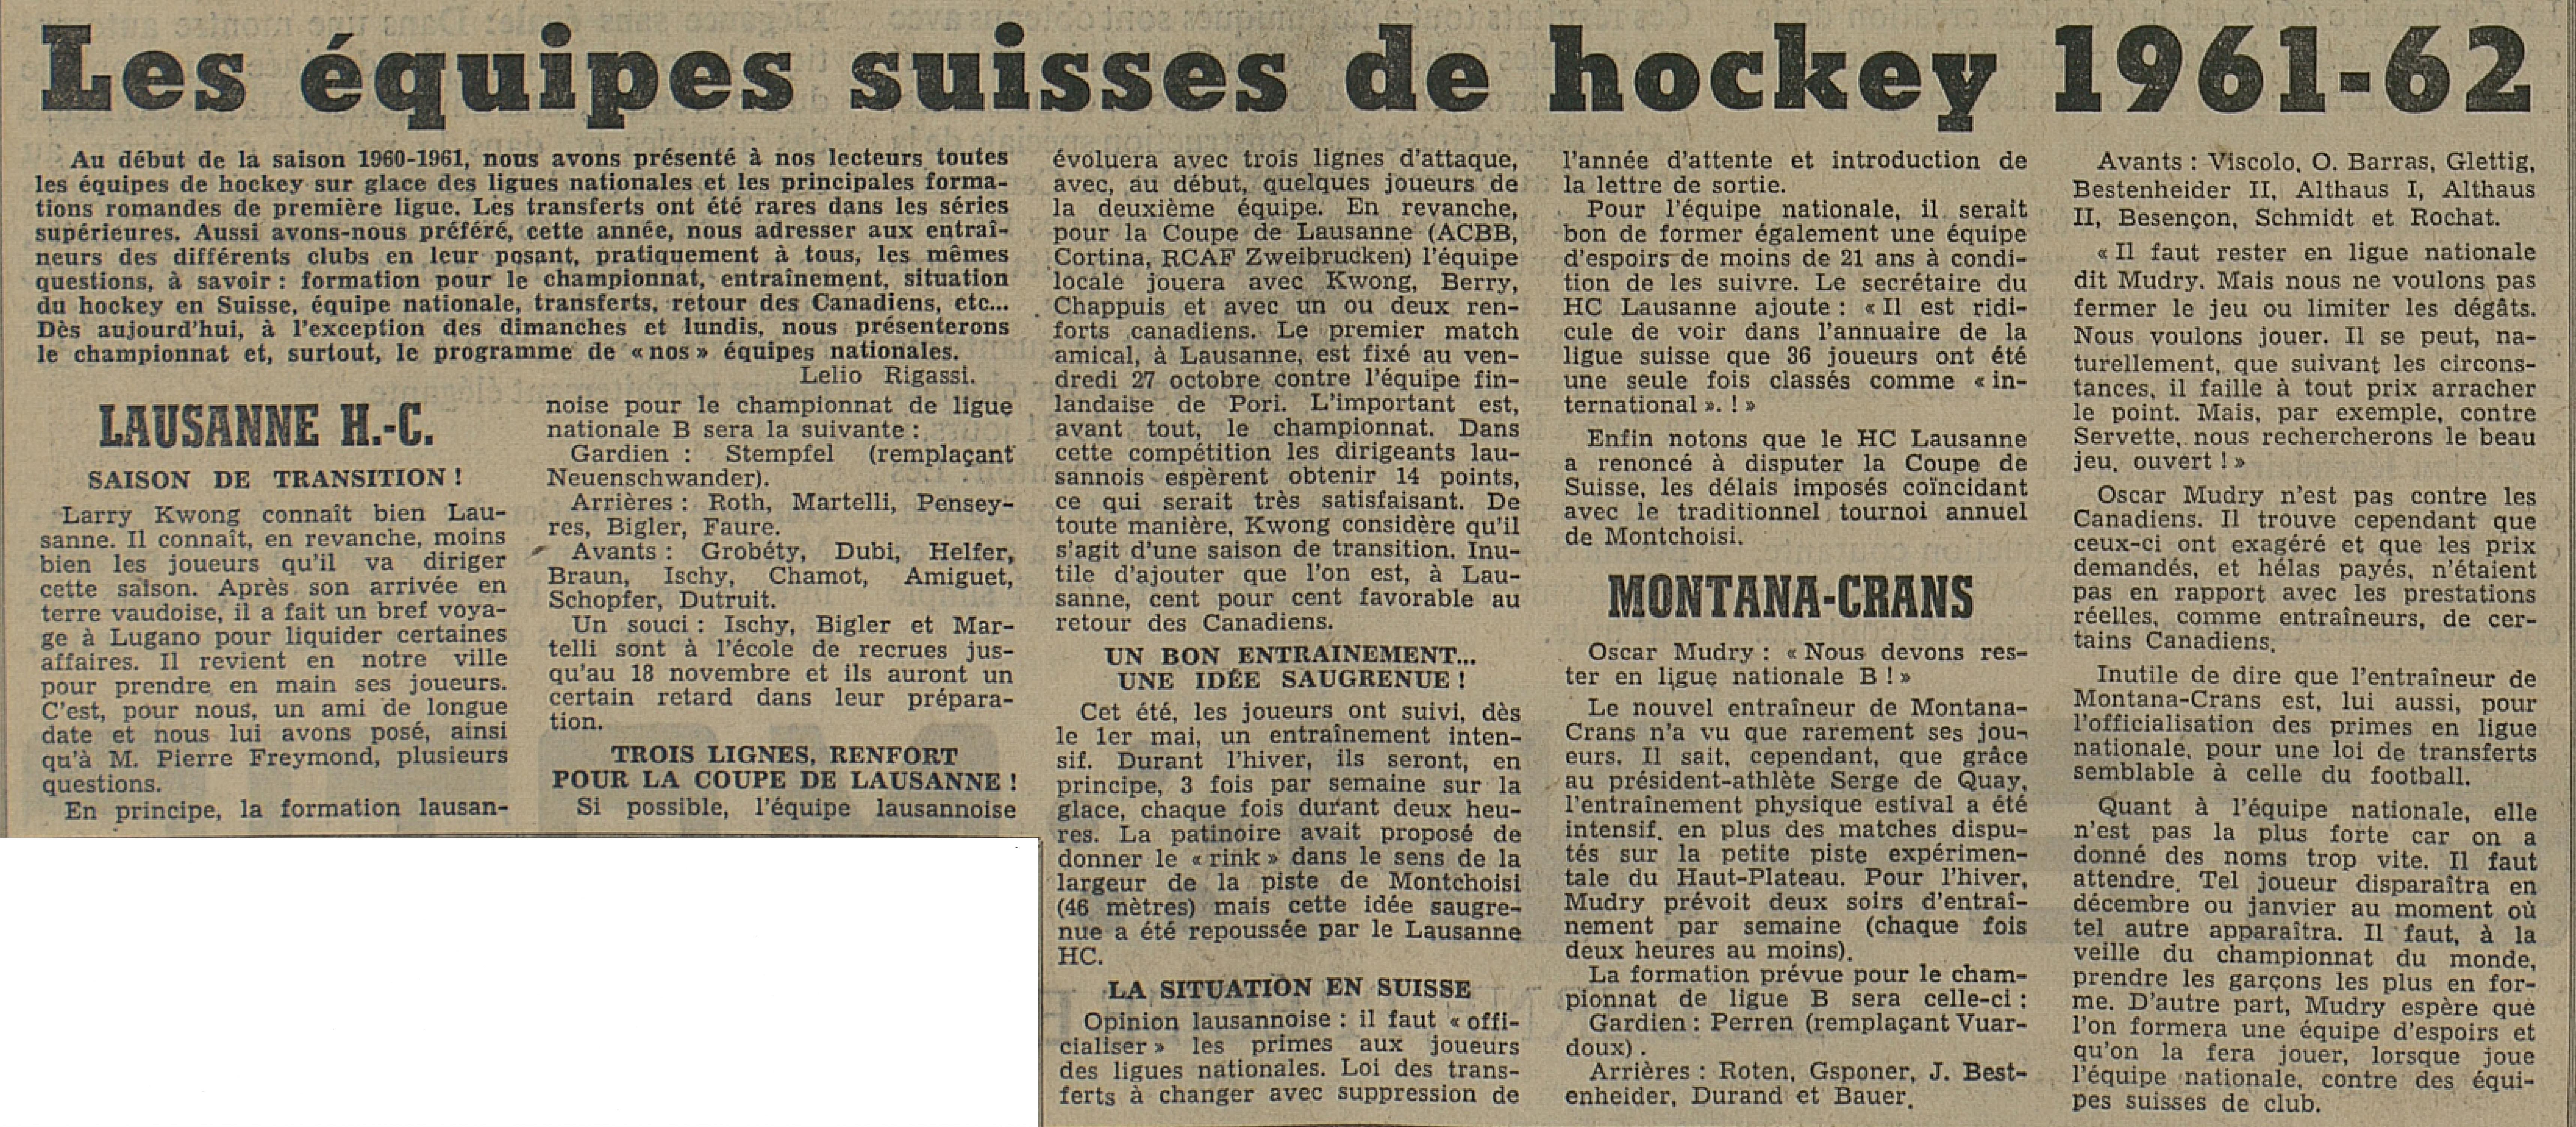 Le Matin - Tribune de Lausanne_19611020_17-19-1.jpg